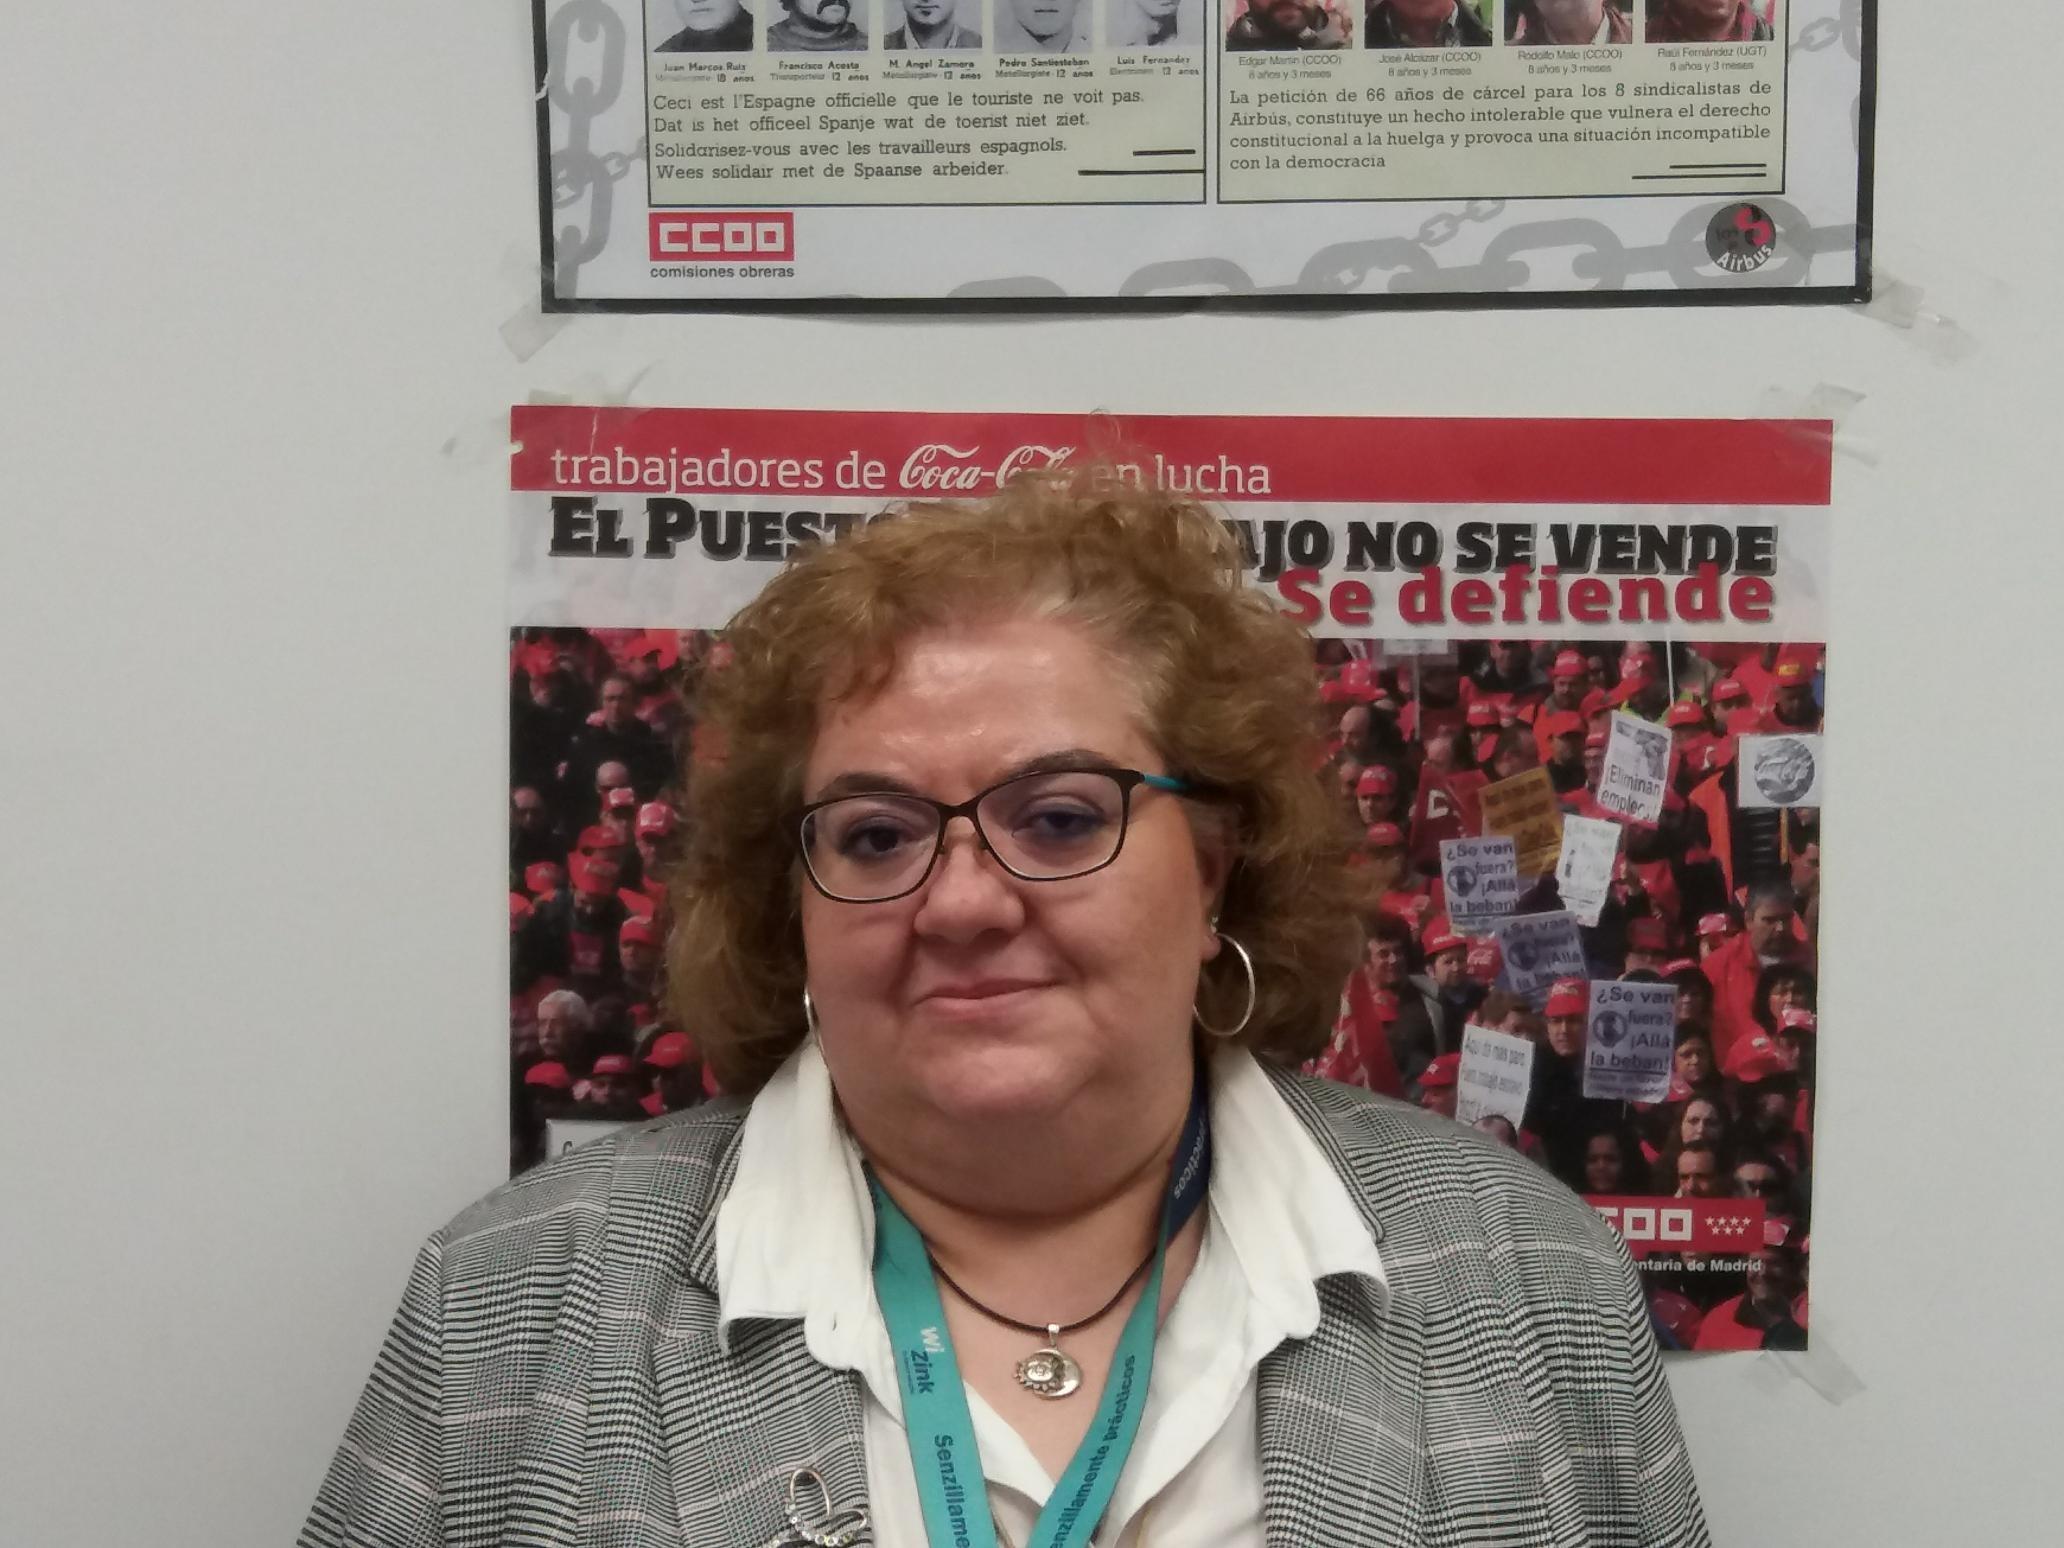 Soledad - miembro del comite de empresa